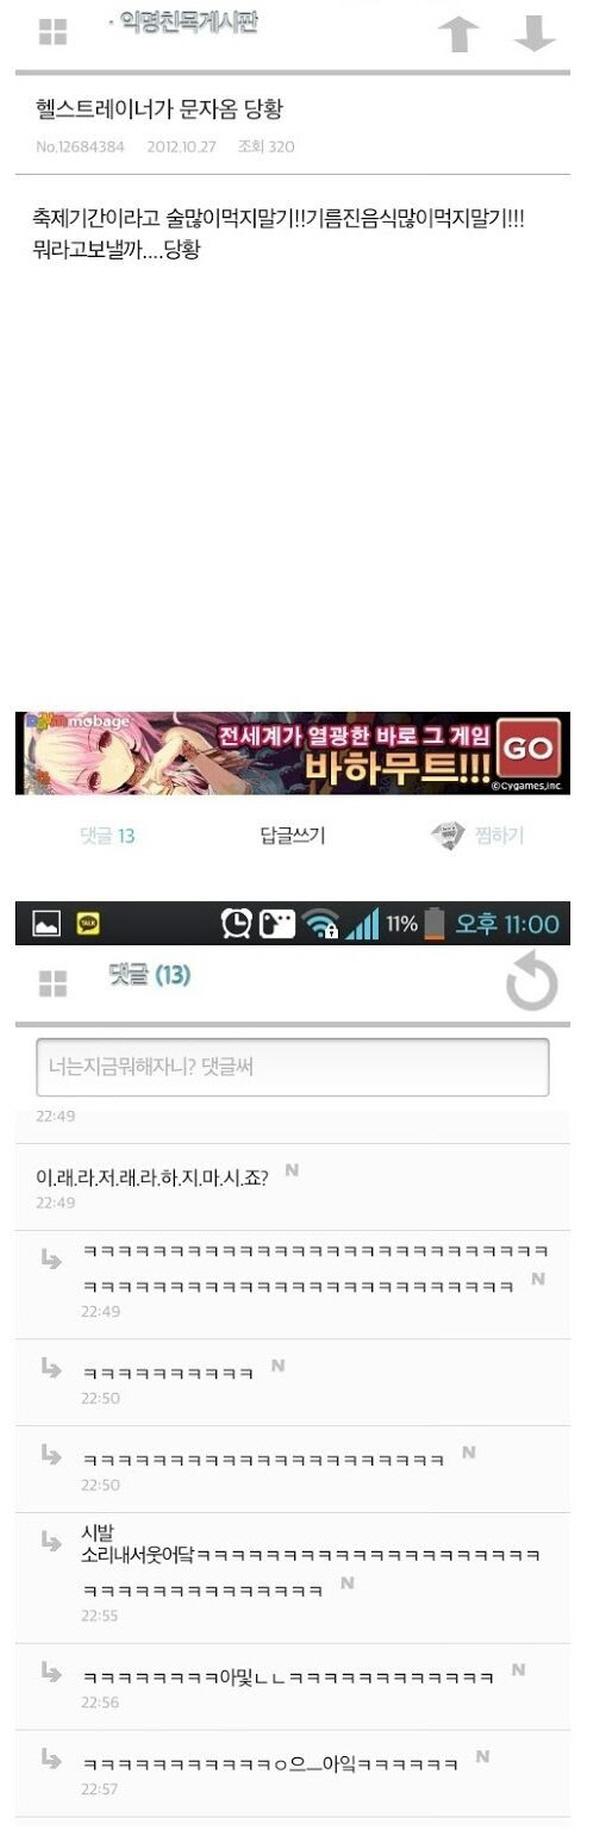 """9 96 - """"시간 파워 순삭!"""" 익명 게시판 캡쳐 모음 (사진 33+)"""